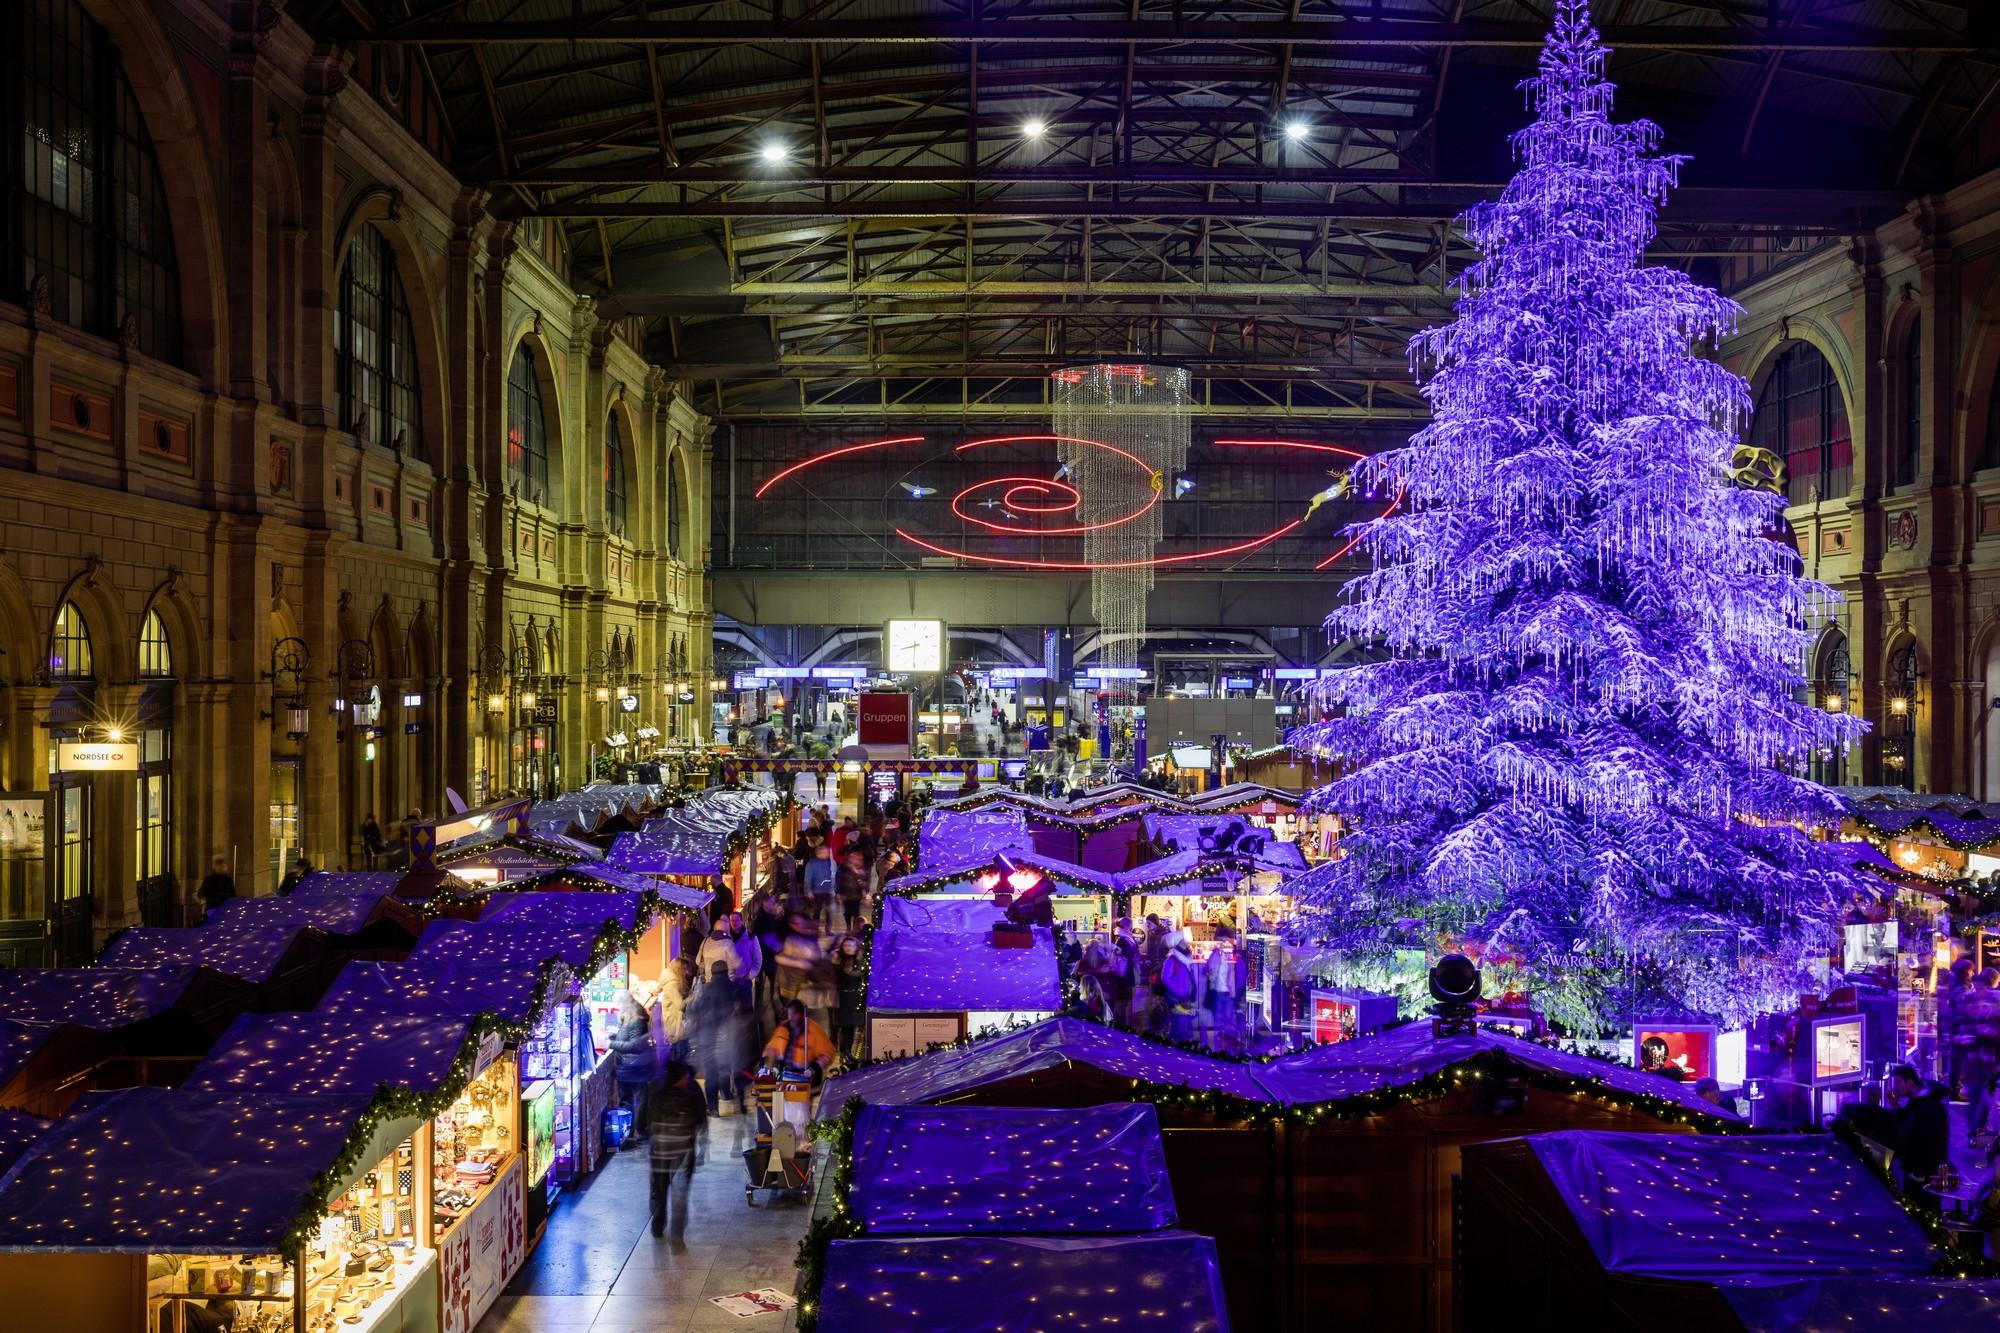 Zurigo cosa vedere: mercatini di Natale a Zurigo - STS Swiss Travel System, Bahnhof Zuerich und Bahnhof Luzern, Weihnachtsmarkt